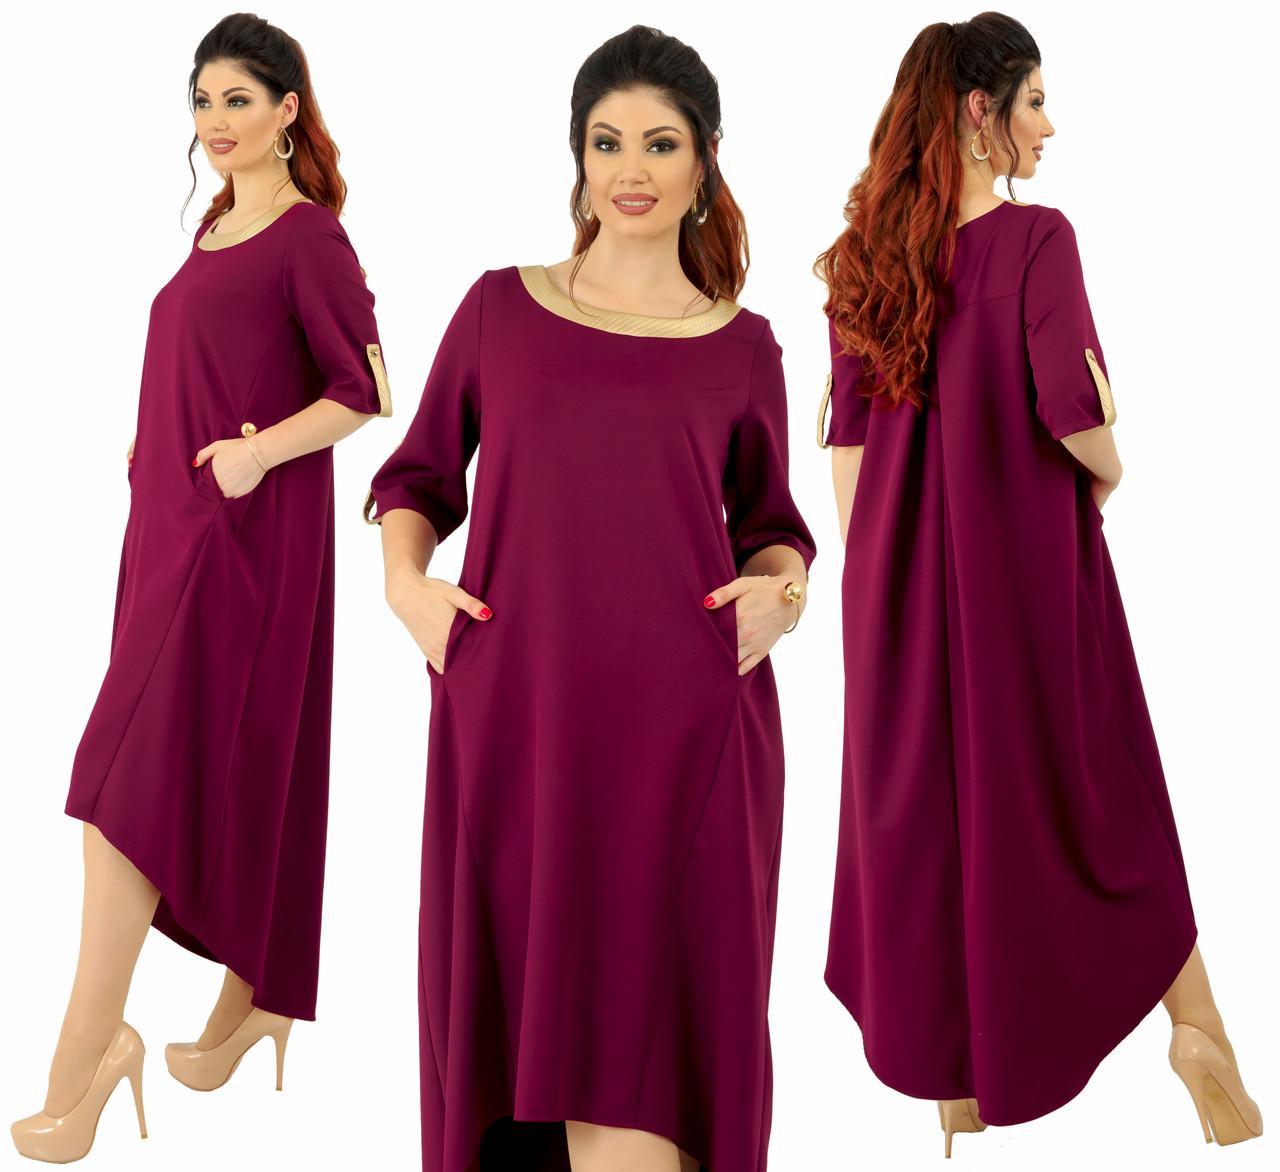 """Асимметричное платье  """"Бостон"""" больших размеров от 48 до 54  с карманами  код  92/89039"""